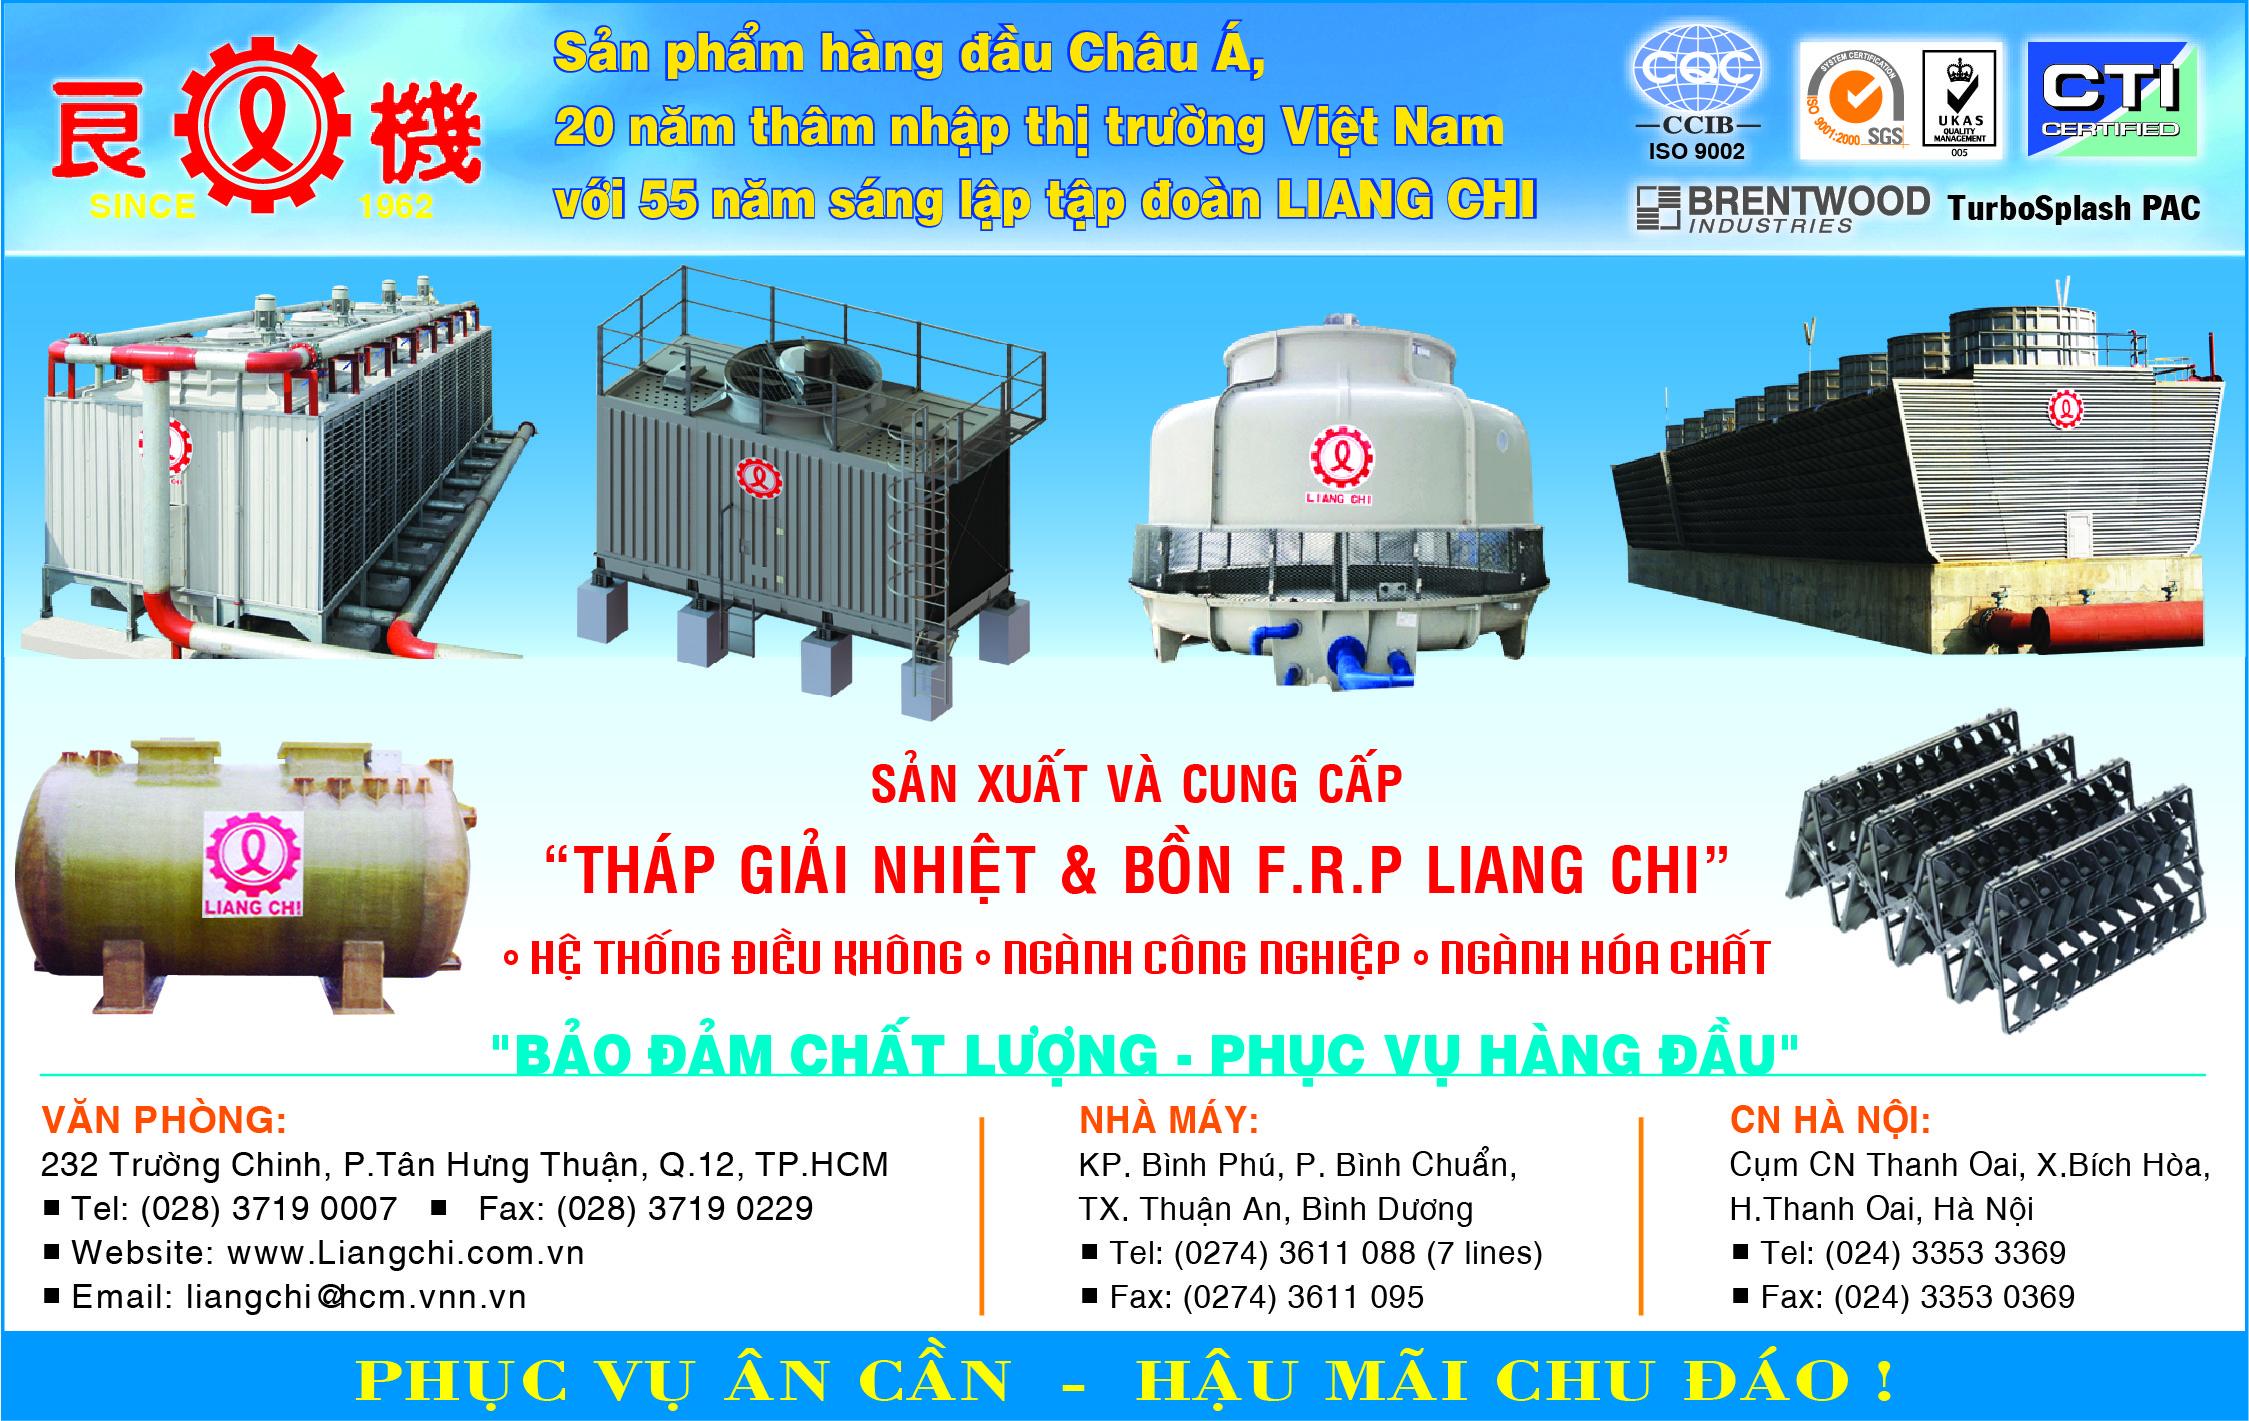 LIANG CHI II - tháp giải nhiệt - bồn giải nhiệt -  Bồn F.R.P Liang Chi - Hệ thống điều không, thap giai nhiet; linh kiện tháp giải nhiệt; tháp giải nhiệt công nghiệp , bồn chứa hóa chất; bồn giản nỡ